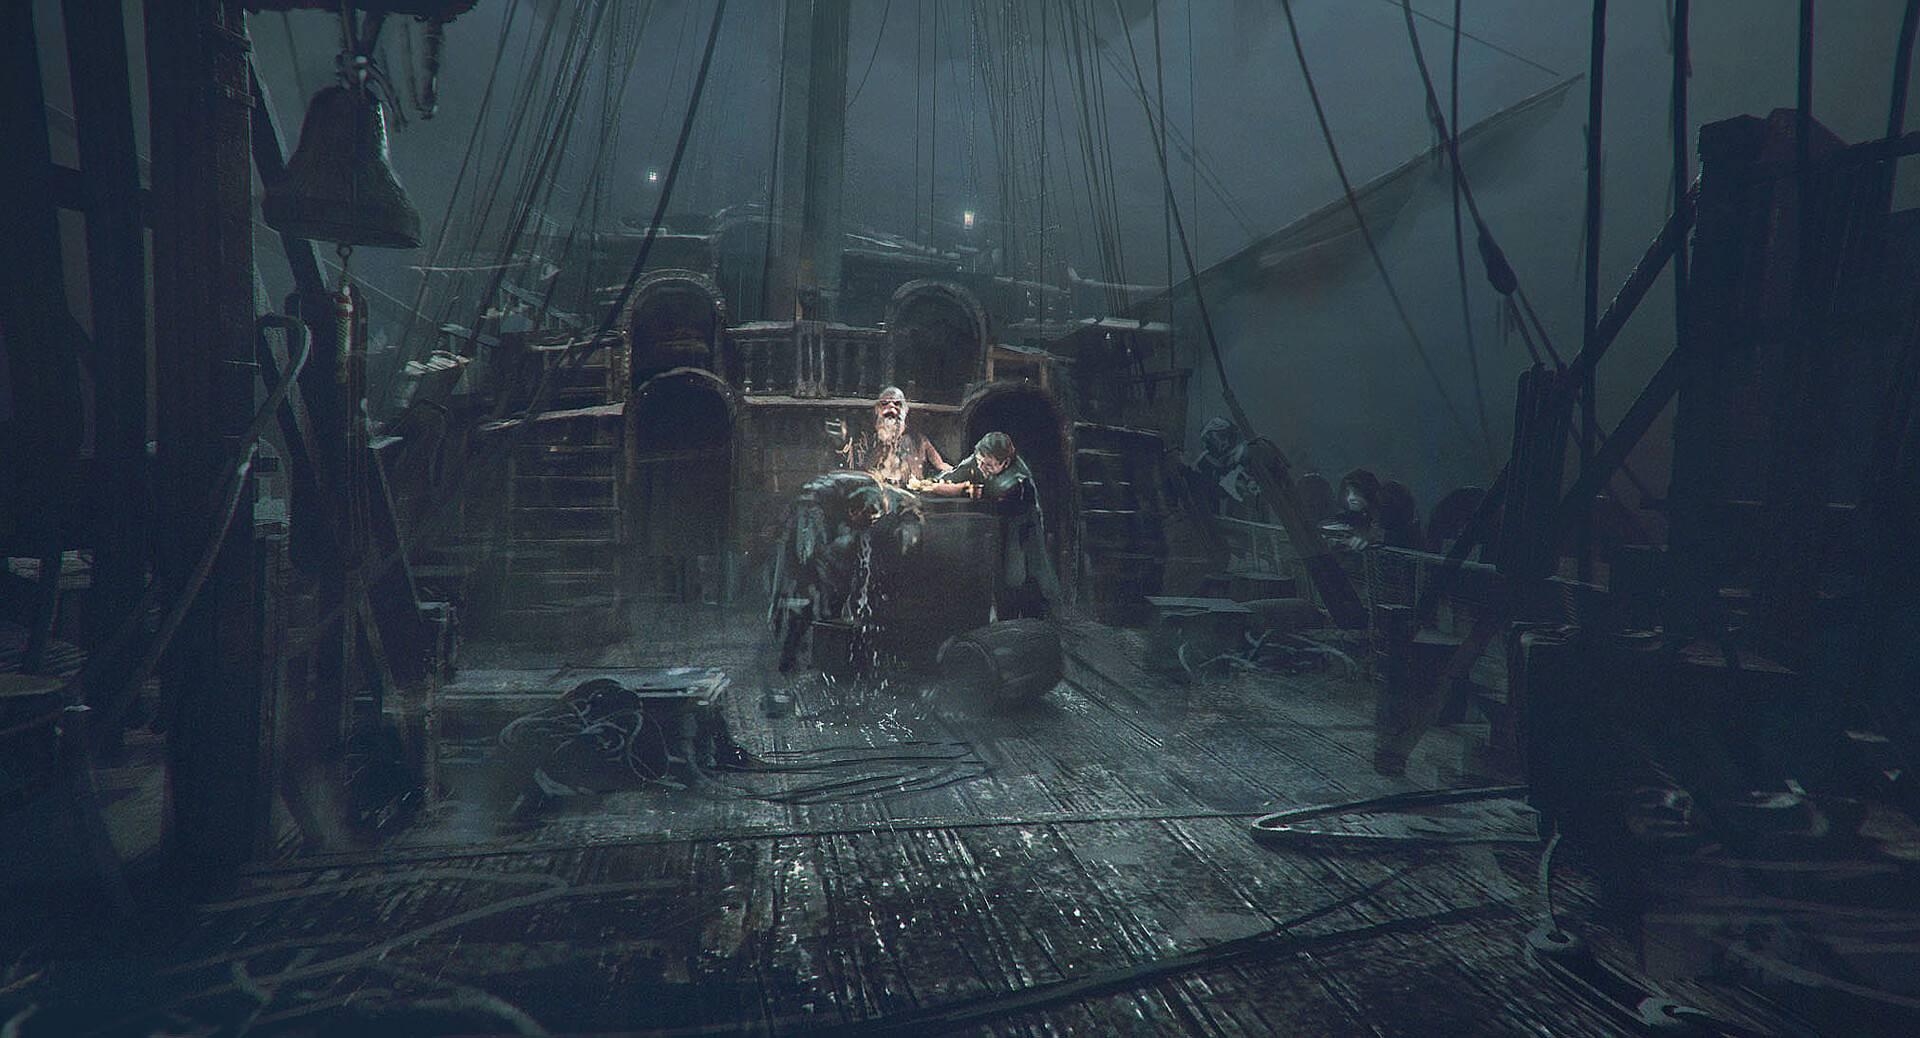 Концепт-арт: иллюстрации к восьмому сезону «Игры престолов» 2